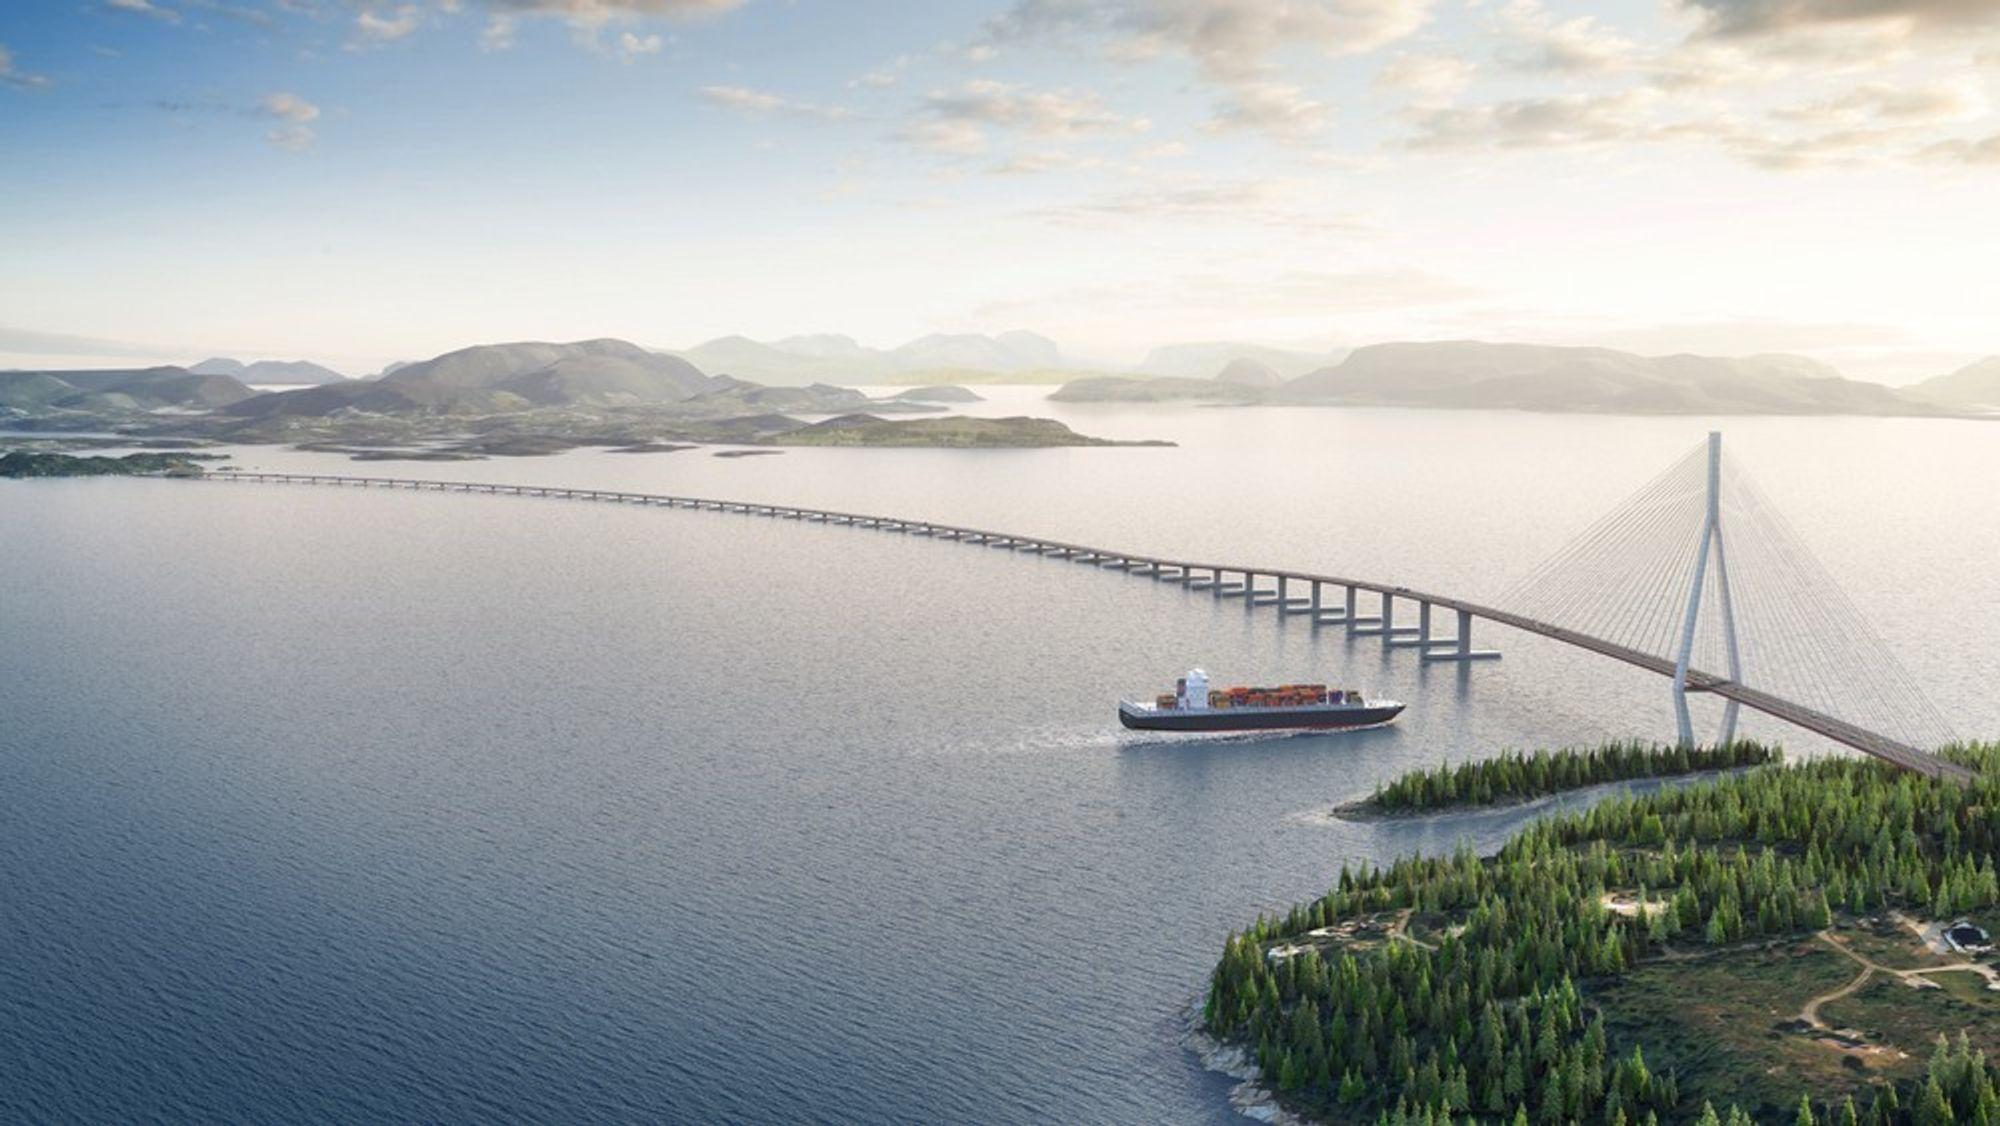 Det er bare to måneder siden Nye Veier foreslo å skrinlegge planene om brua over Bjørnafjorden, nå har de ombestemt seg.